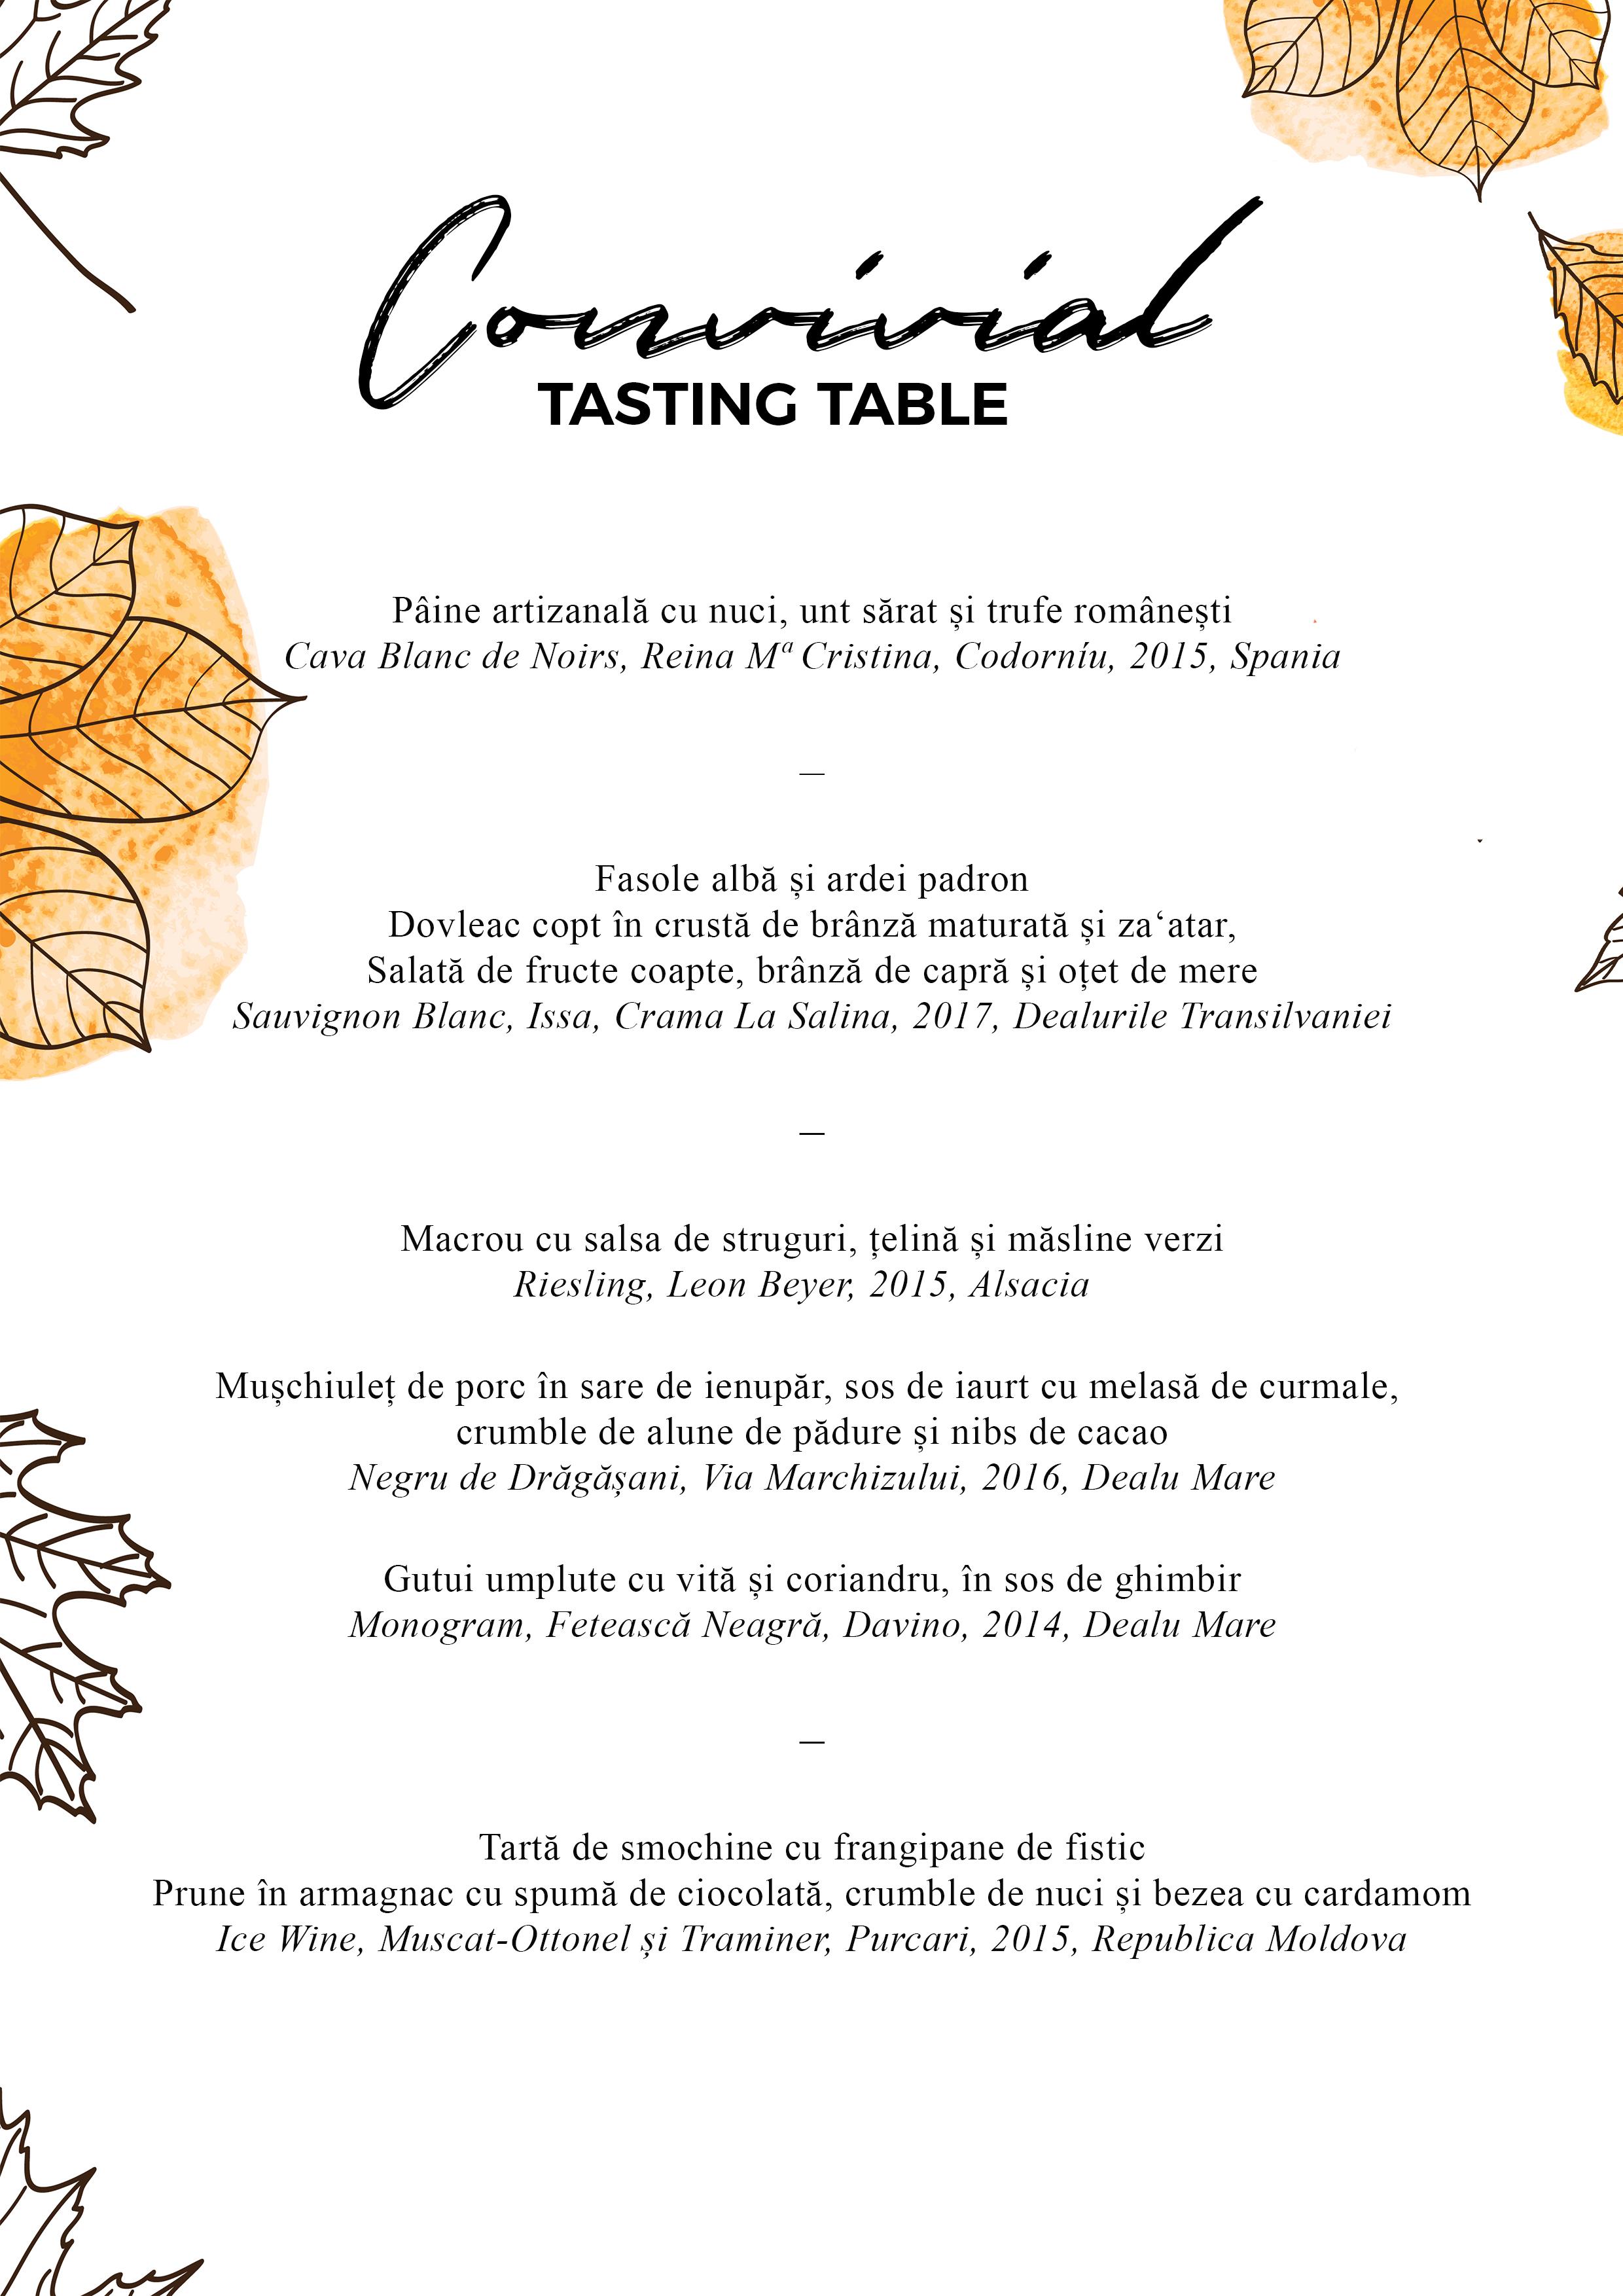 - Prima cină Convivial de toamnă la Mazilique Studio adună o serie din ingredientele de care ne bucurăm cel mai mult în acest sezon: trufe proaspete, struguri tămâioși, gutui condimentate, dovleac copt, prune aromate.Pe 19 octombrie le vom pune în valoare printr-un meniu la care am potrivit și o selecție de vinuri pentru a ne completa experiența._Fee: 330 lei19 octombrie, ora 19:30Locurile sunt limitate, iar confirmarea se face în ordinea înscrierilor.Pentru întrebări și rezervări: studio@mazilique.ro / 0742802044